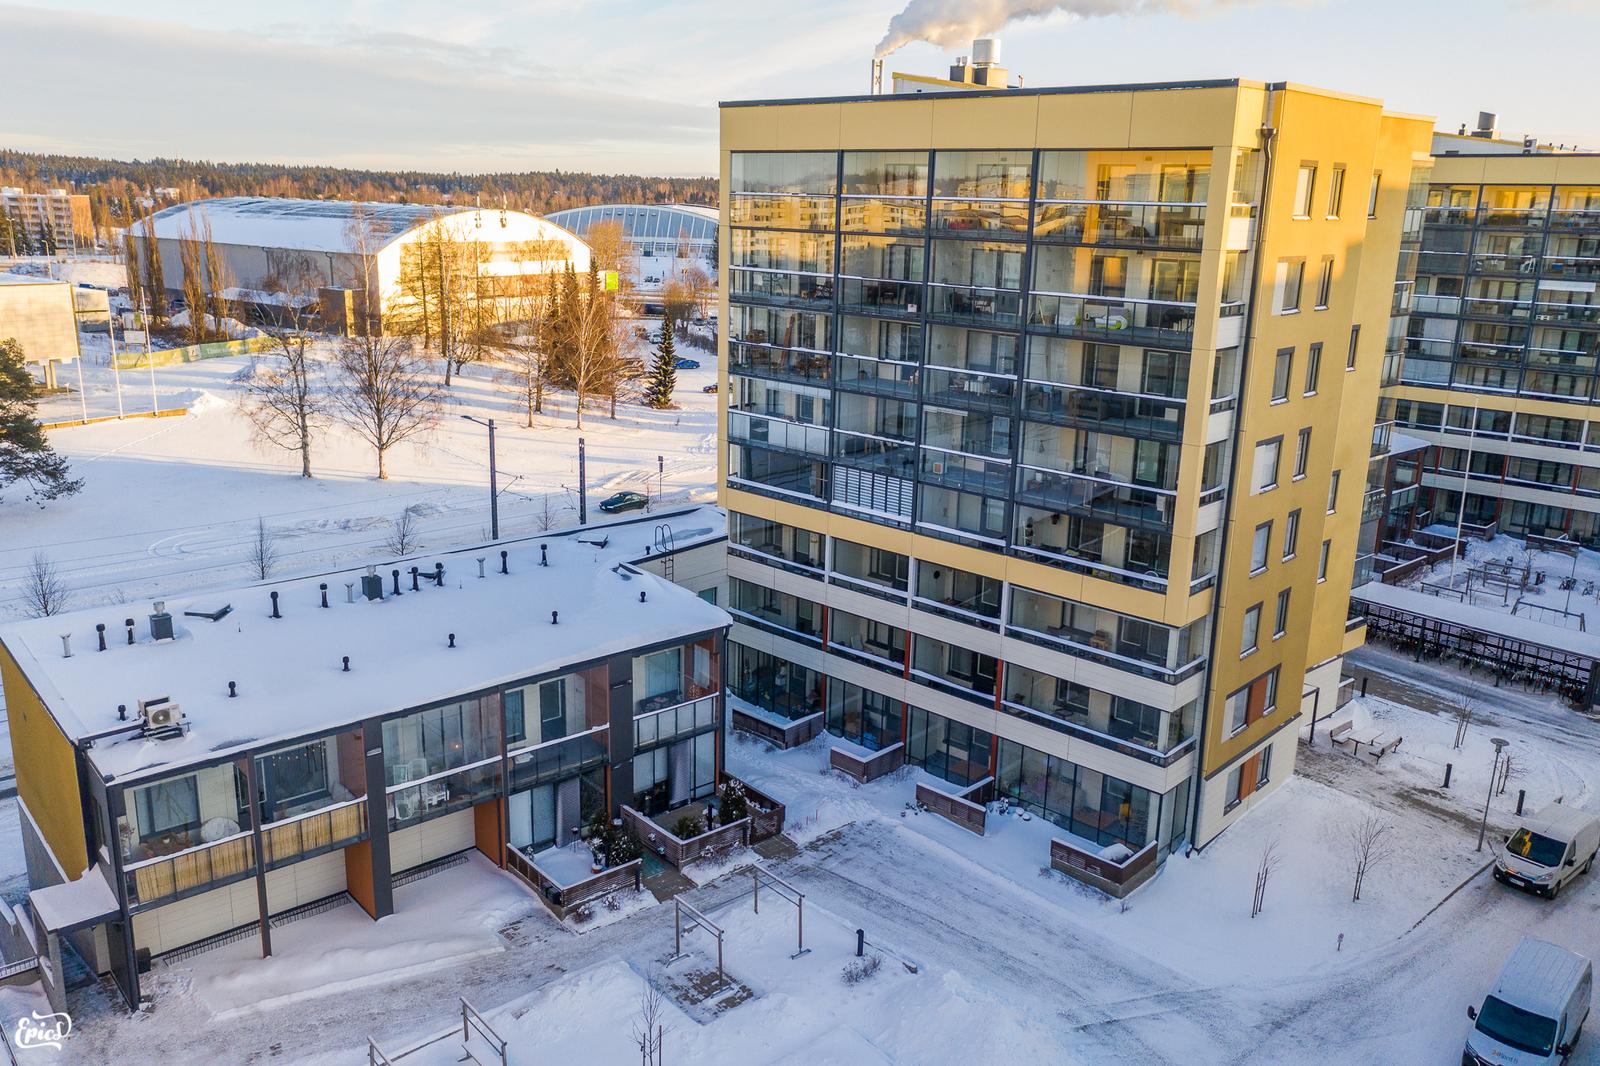 Kaleva, Tampere